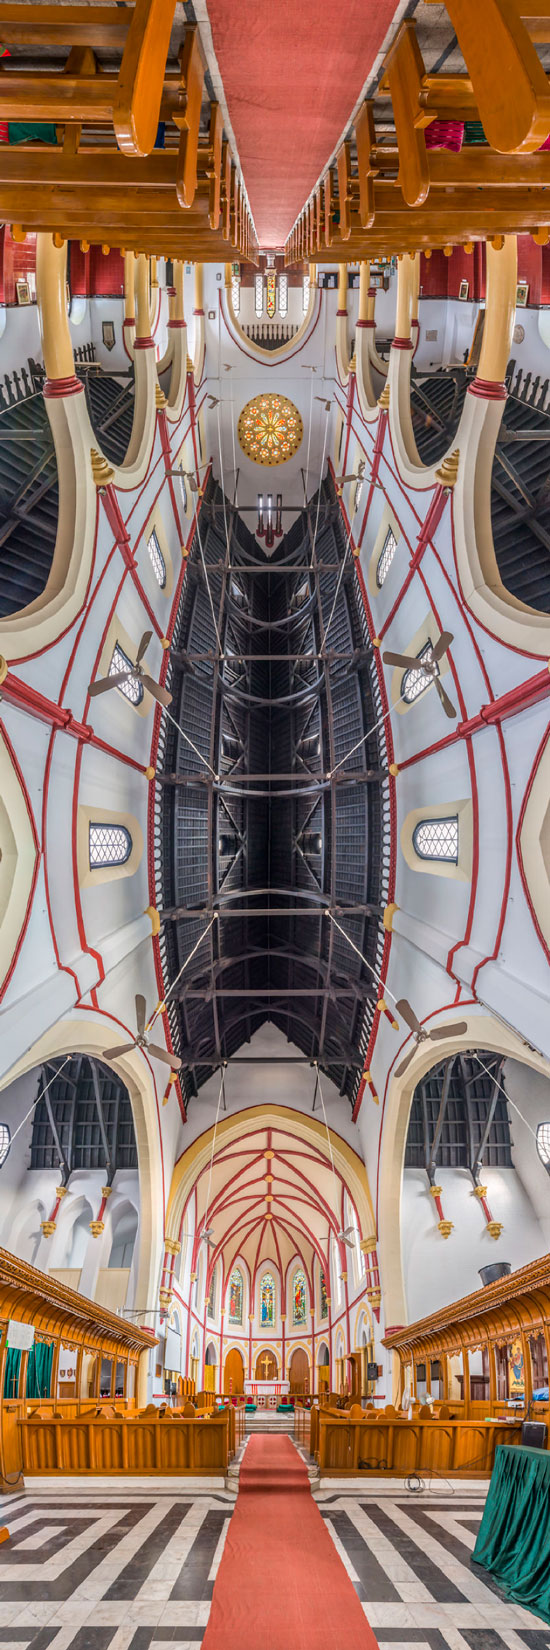 عکسهای پانوراما از کلیساهای مشهور جهان